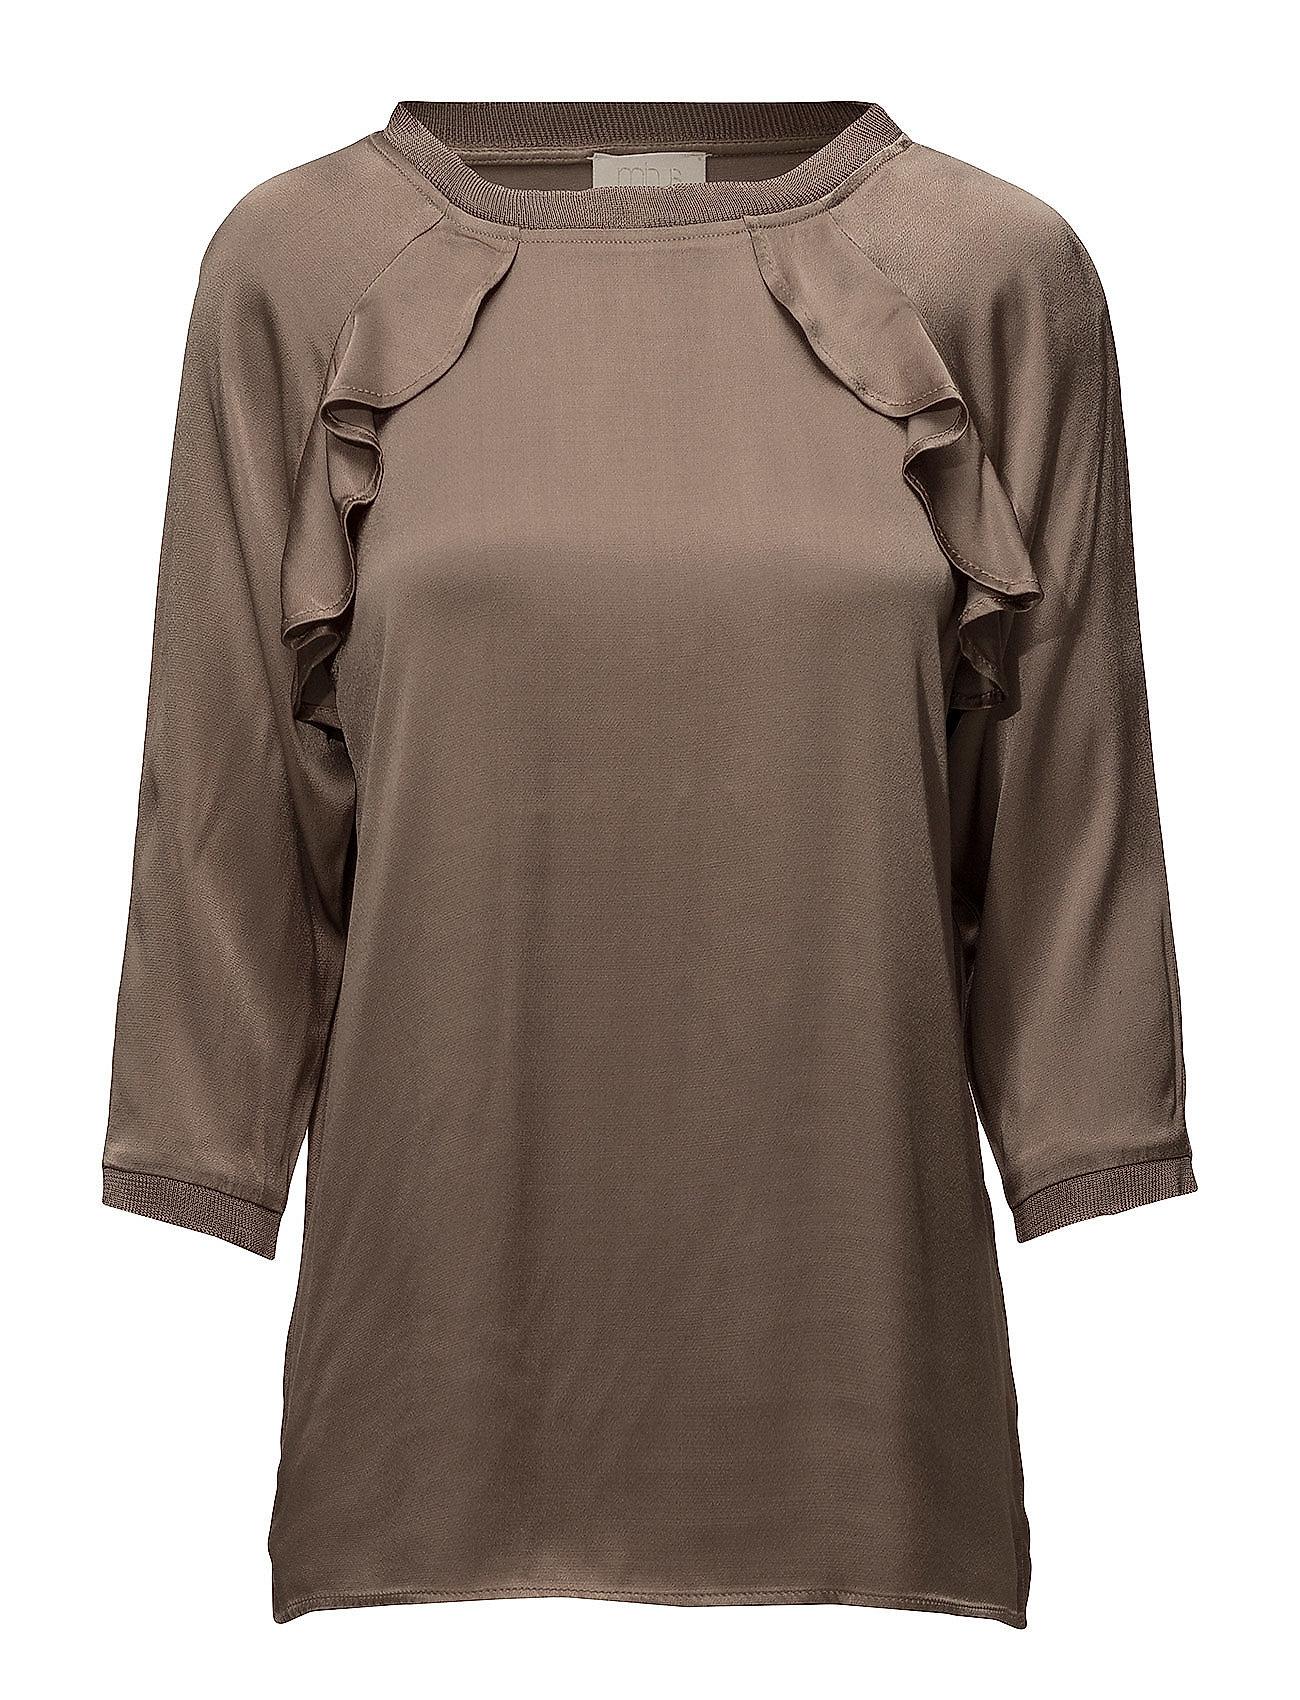 Minus Ayla blouse Ögrönlar